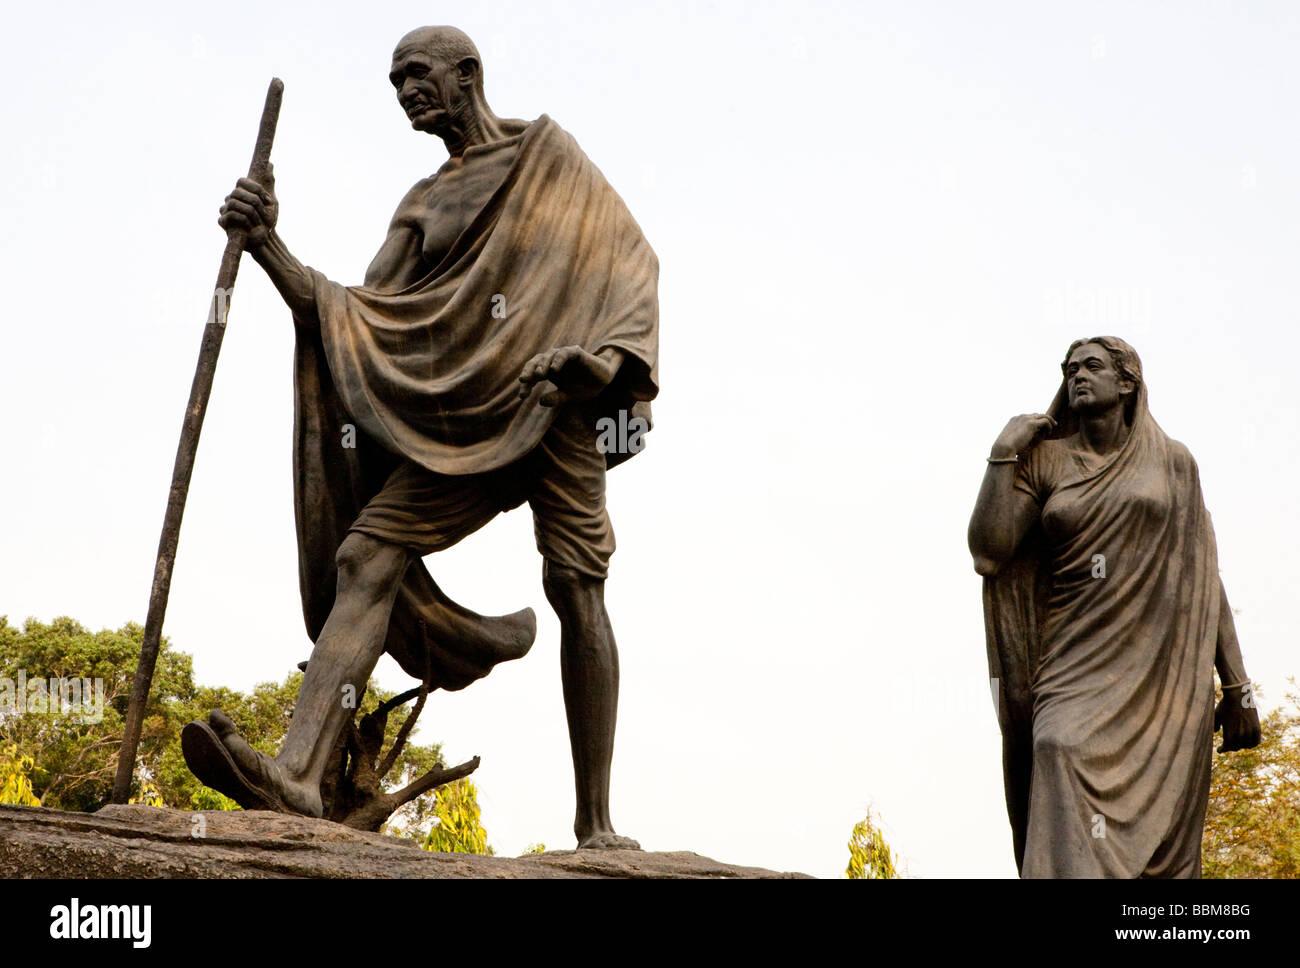 Statua in bronzo del Mahatma Gandhi e sua moglie Kasturba New Delhi India Immagini Stock